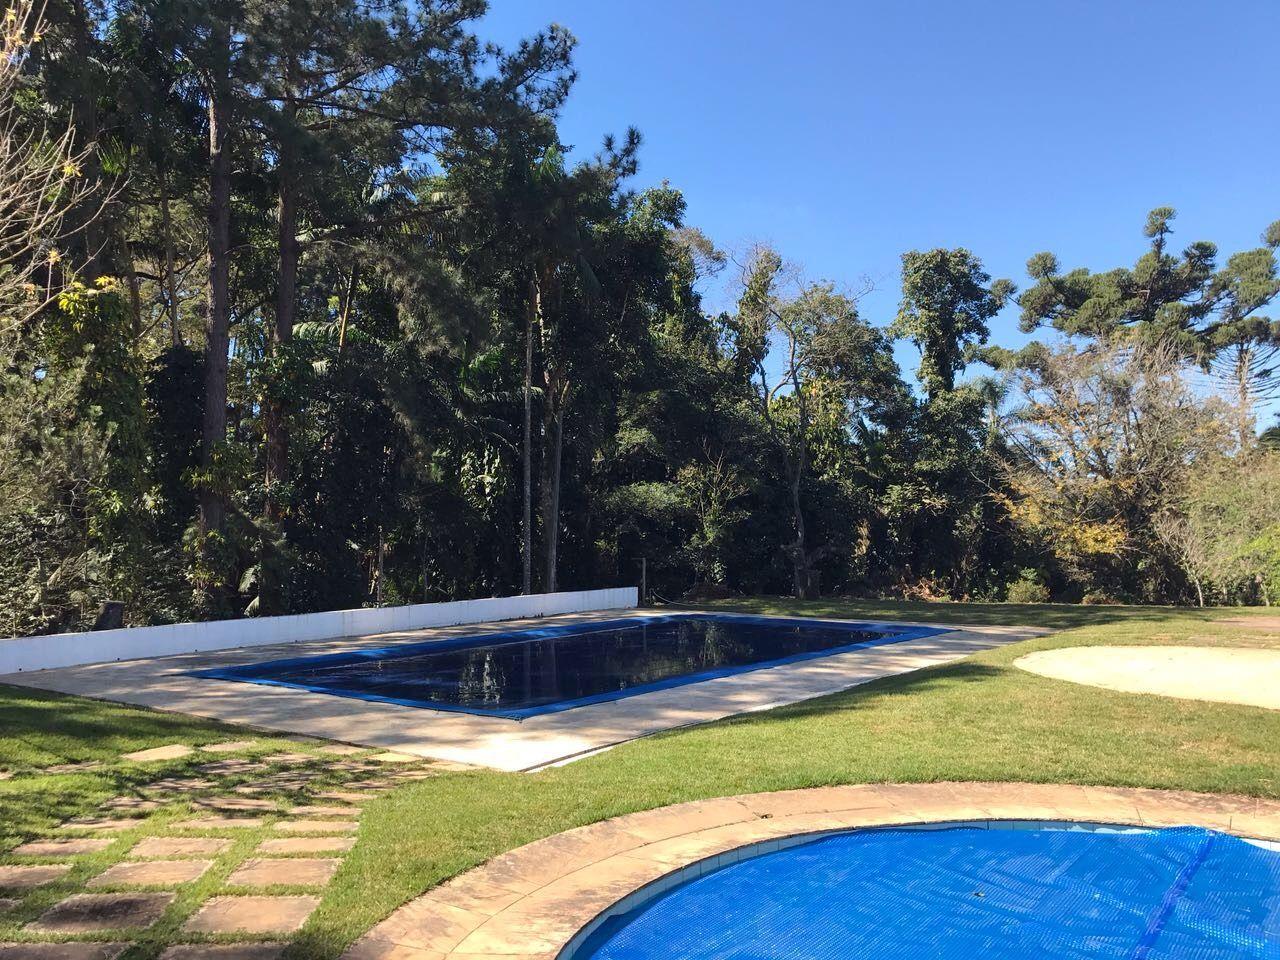 Arujá, Brazil, July 2017